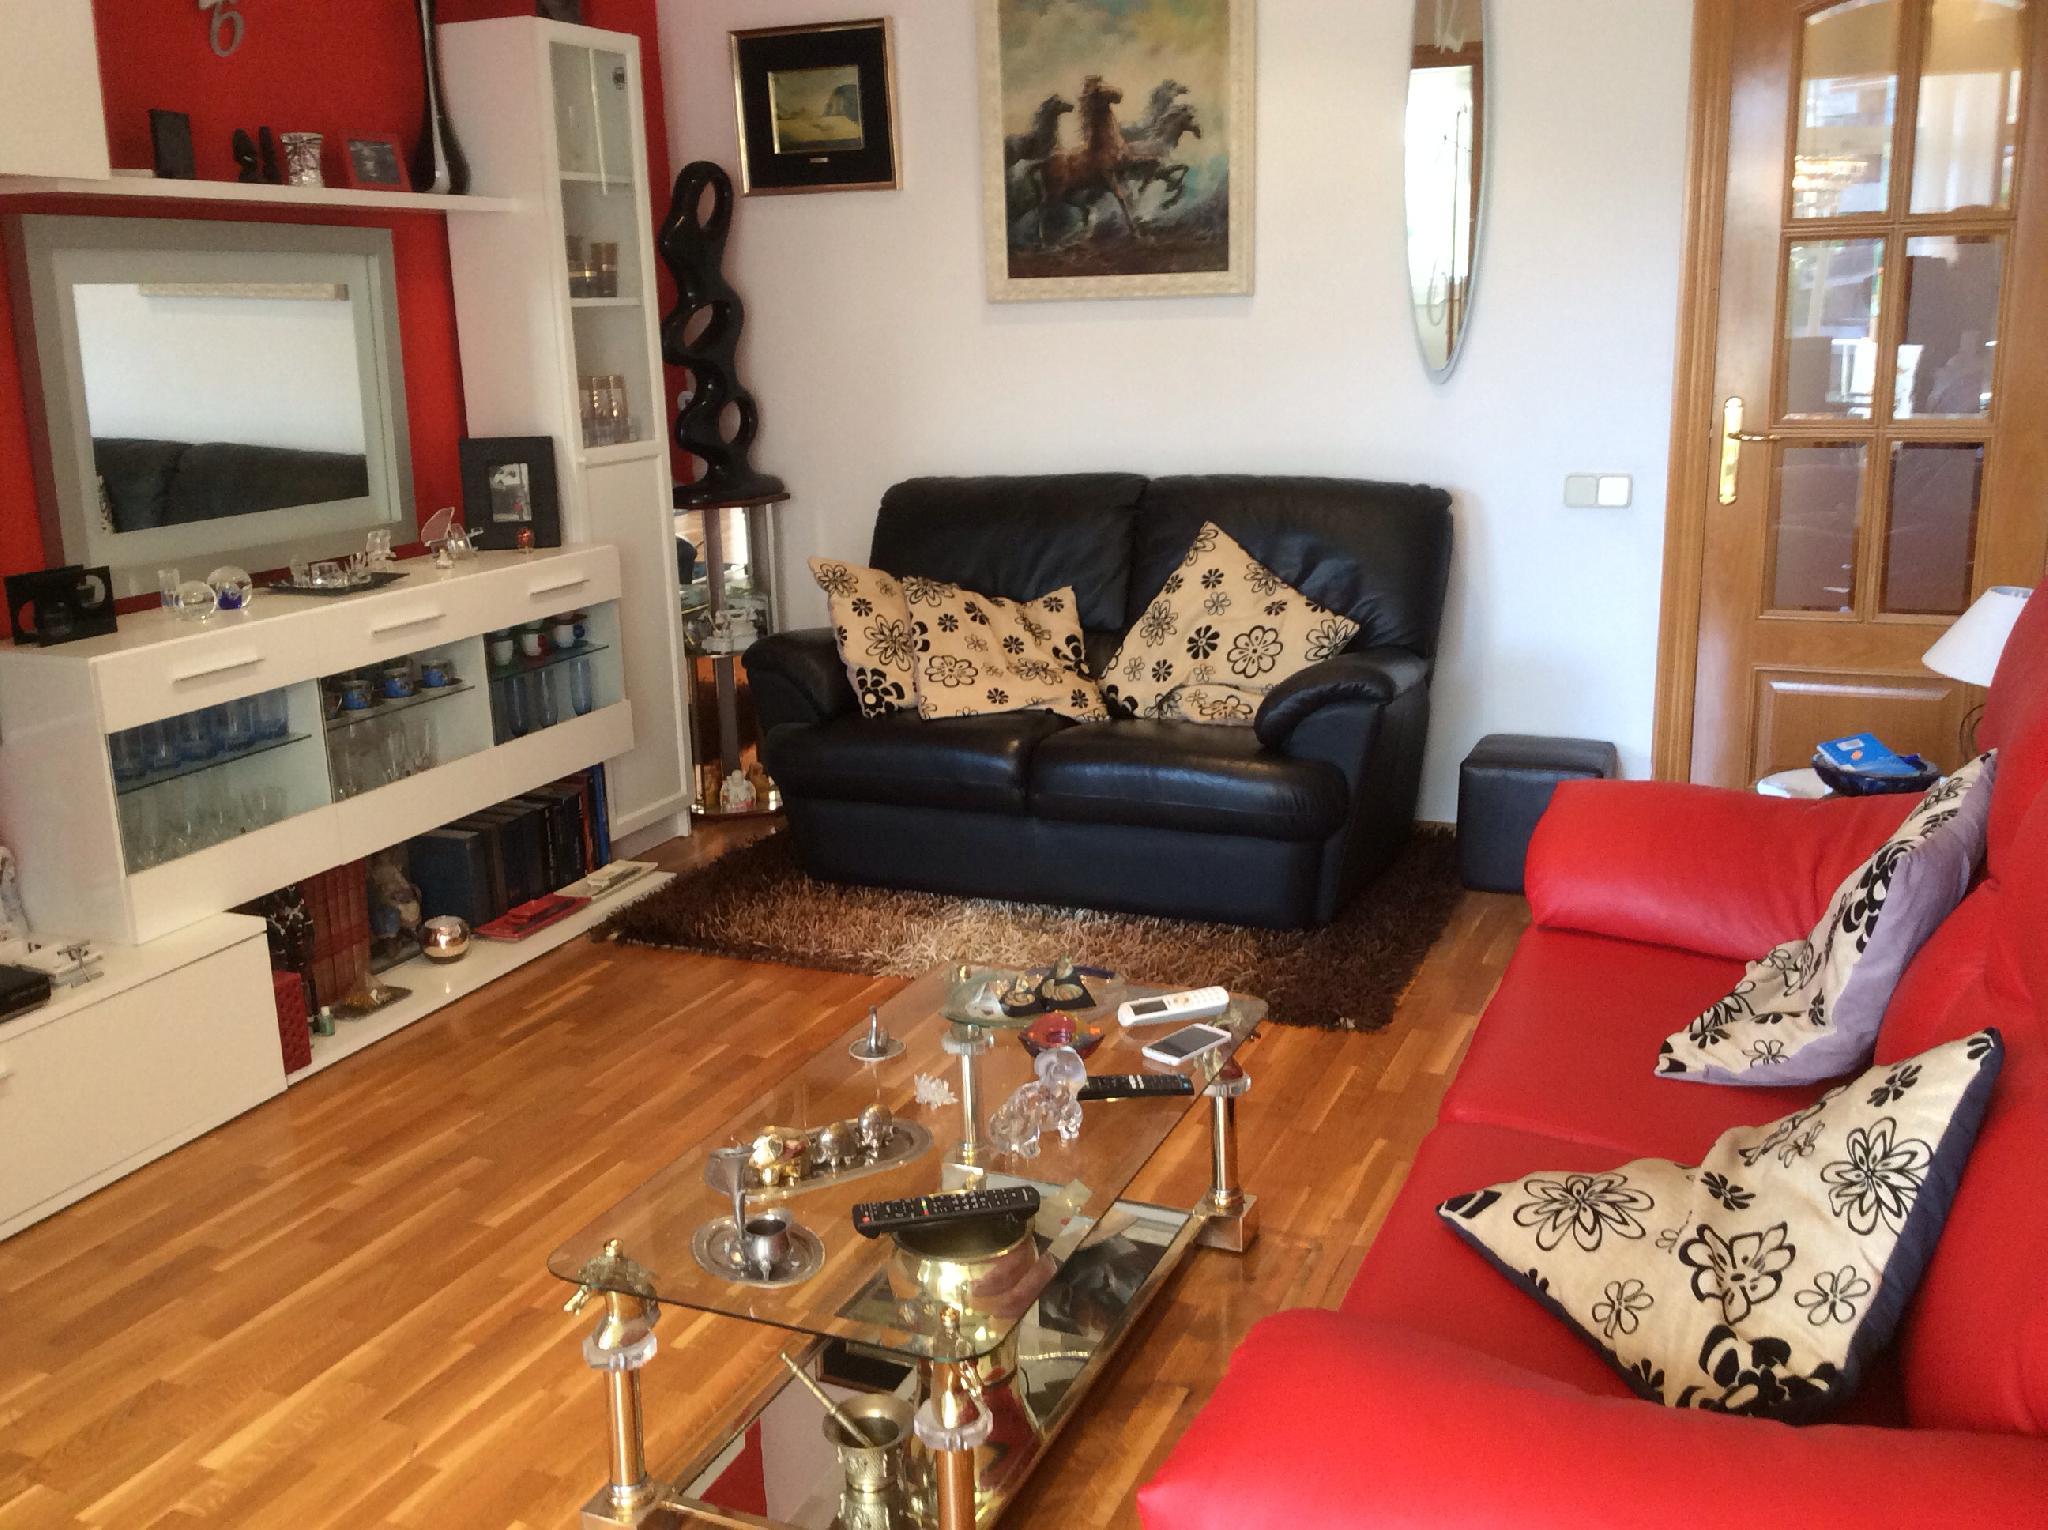 petit-appartement-de-vente-a-junto-carrer-de-sant-ramon-nonat-sant-ramon-a-barcelona-227858444